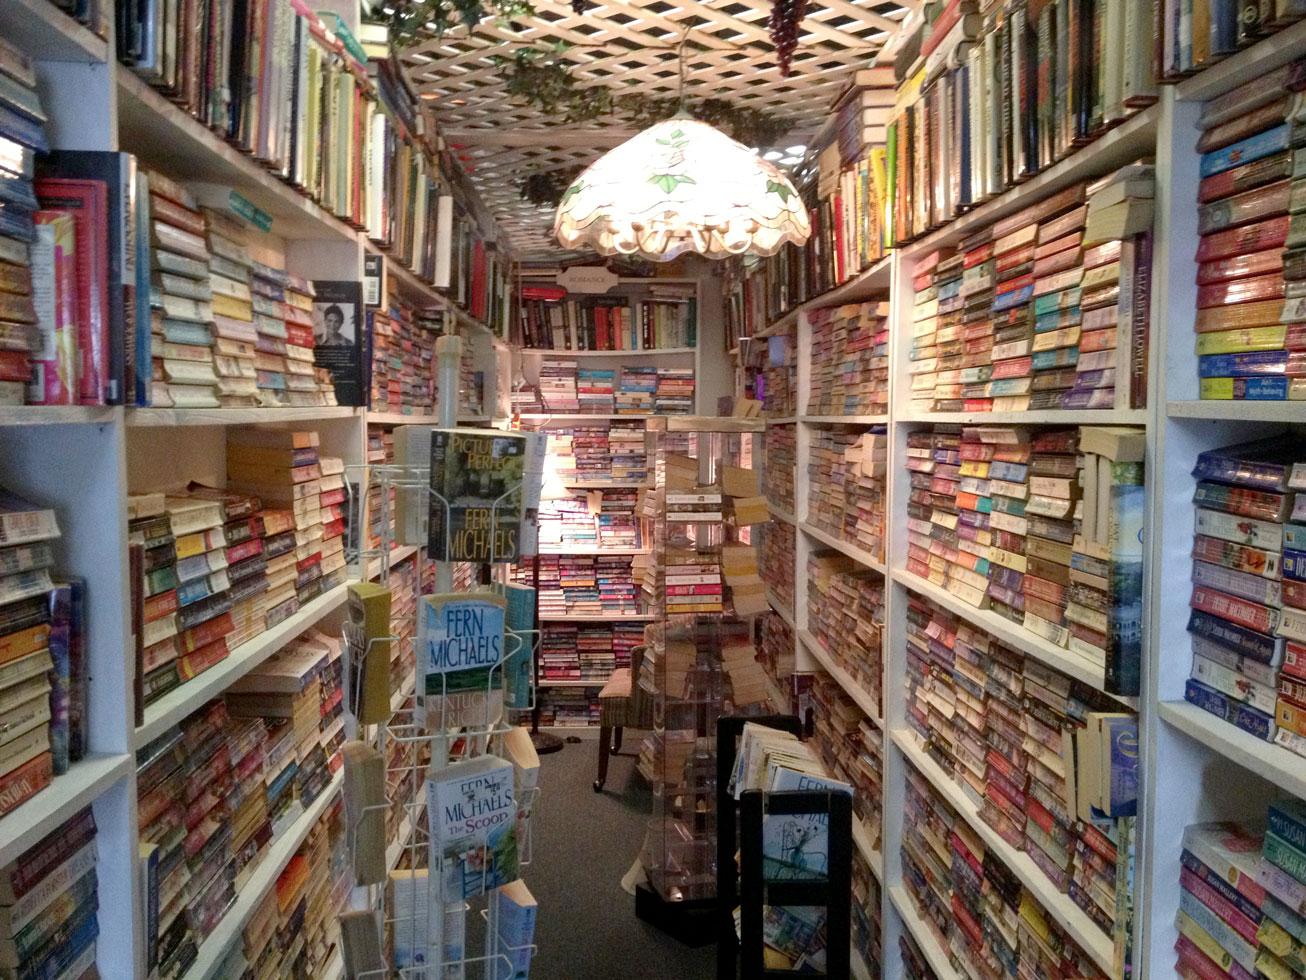 Um passeio por livrarias: Flórida, EUA (Parte 4)